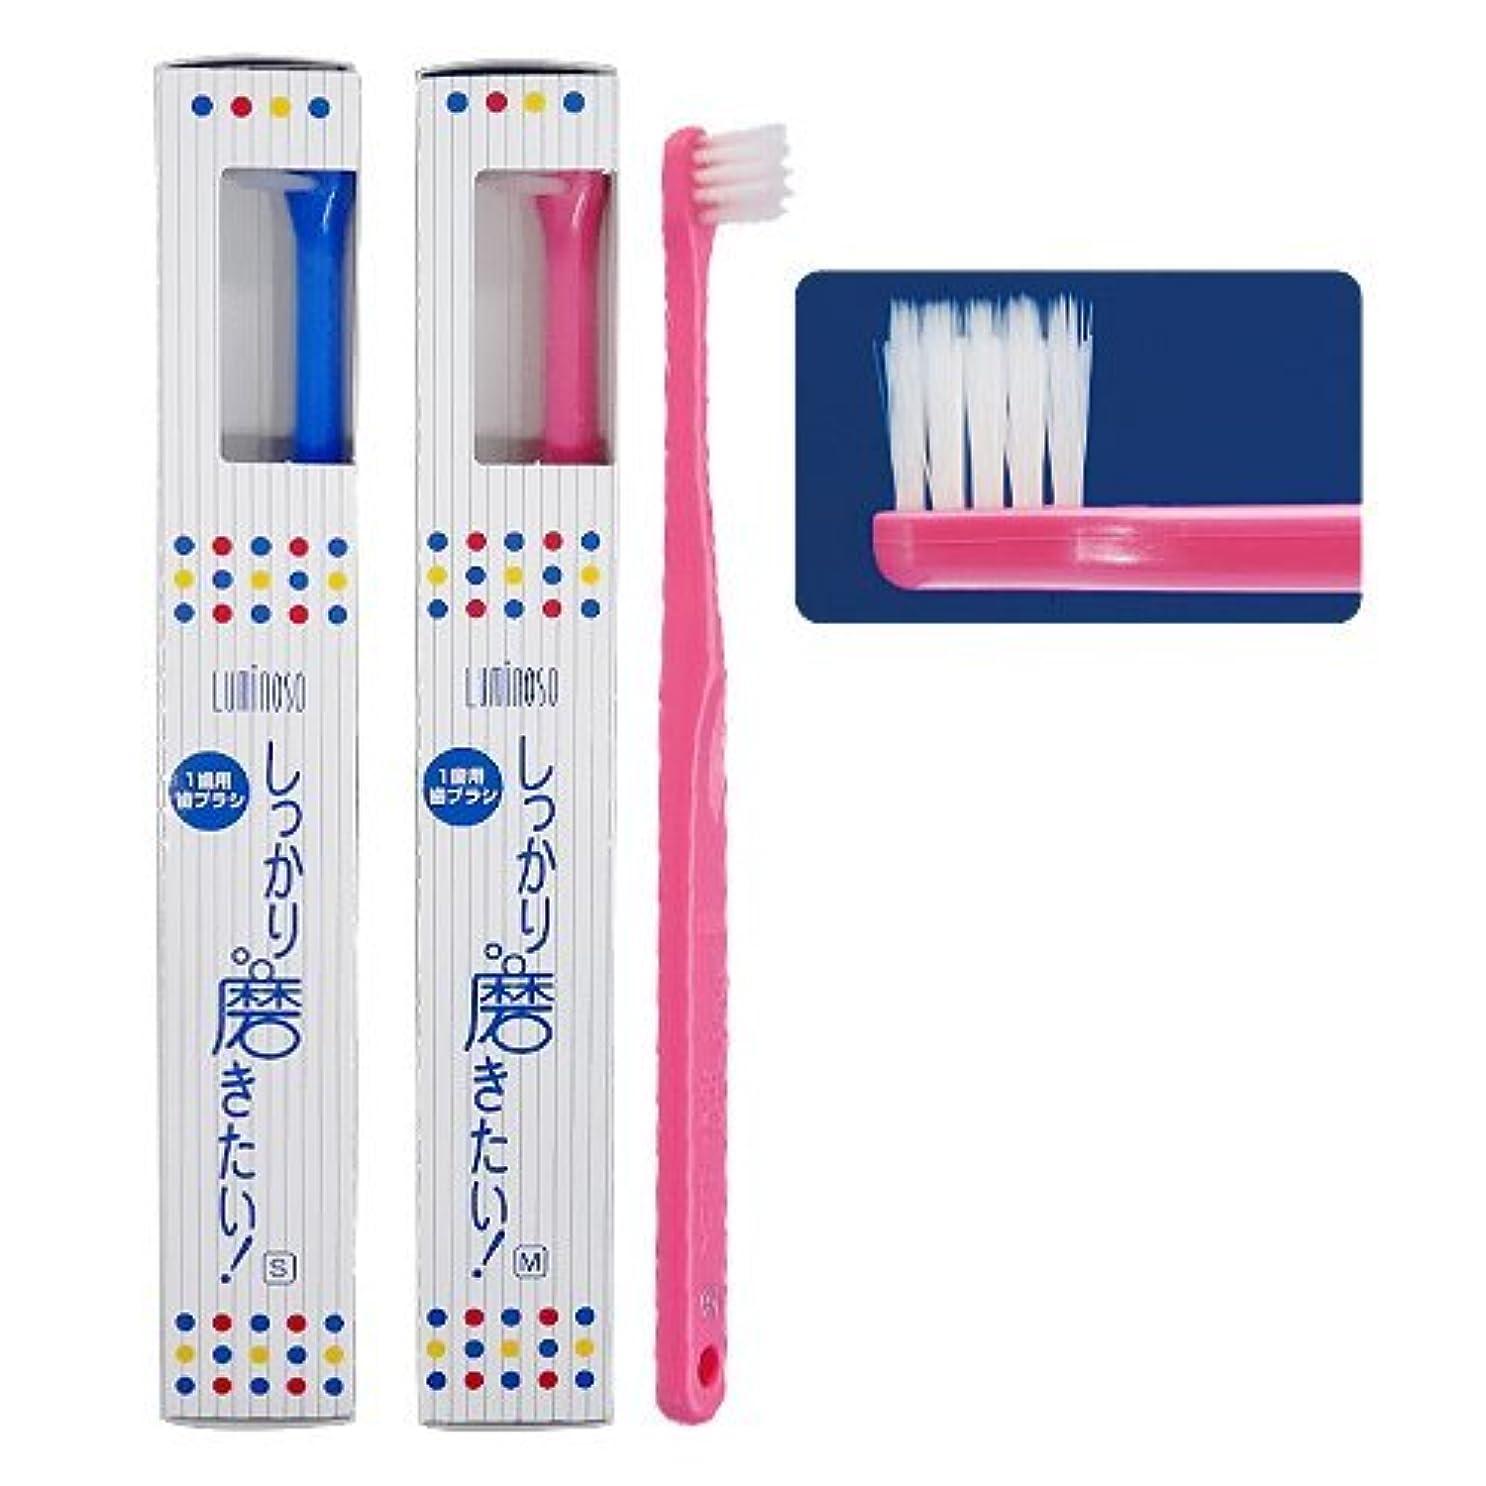 名誉変換意気込みルミノソ 1歯用歯ブラシ「しっかり磨きたい!」スタンダード ミディアム (カラー指定不可) 3本